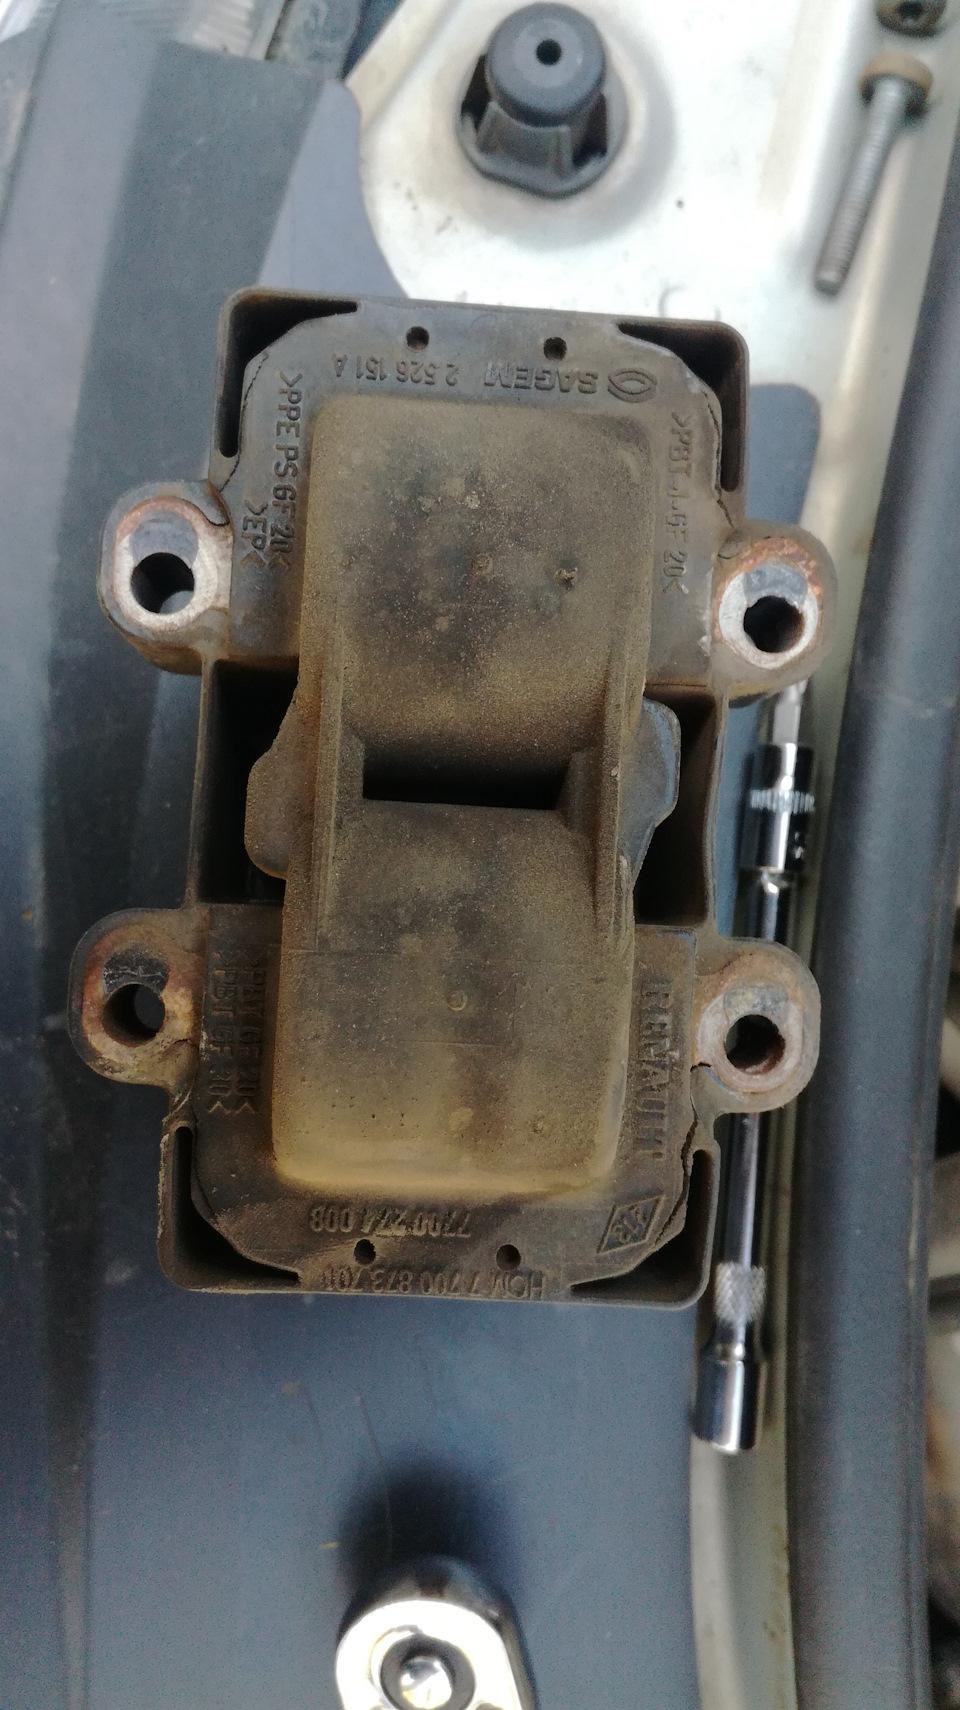 Как проверить утечку тока на автомобиле мультиметром: найти и самостоятельно померить тестером допустимые значения » автоноватор